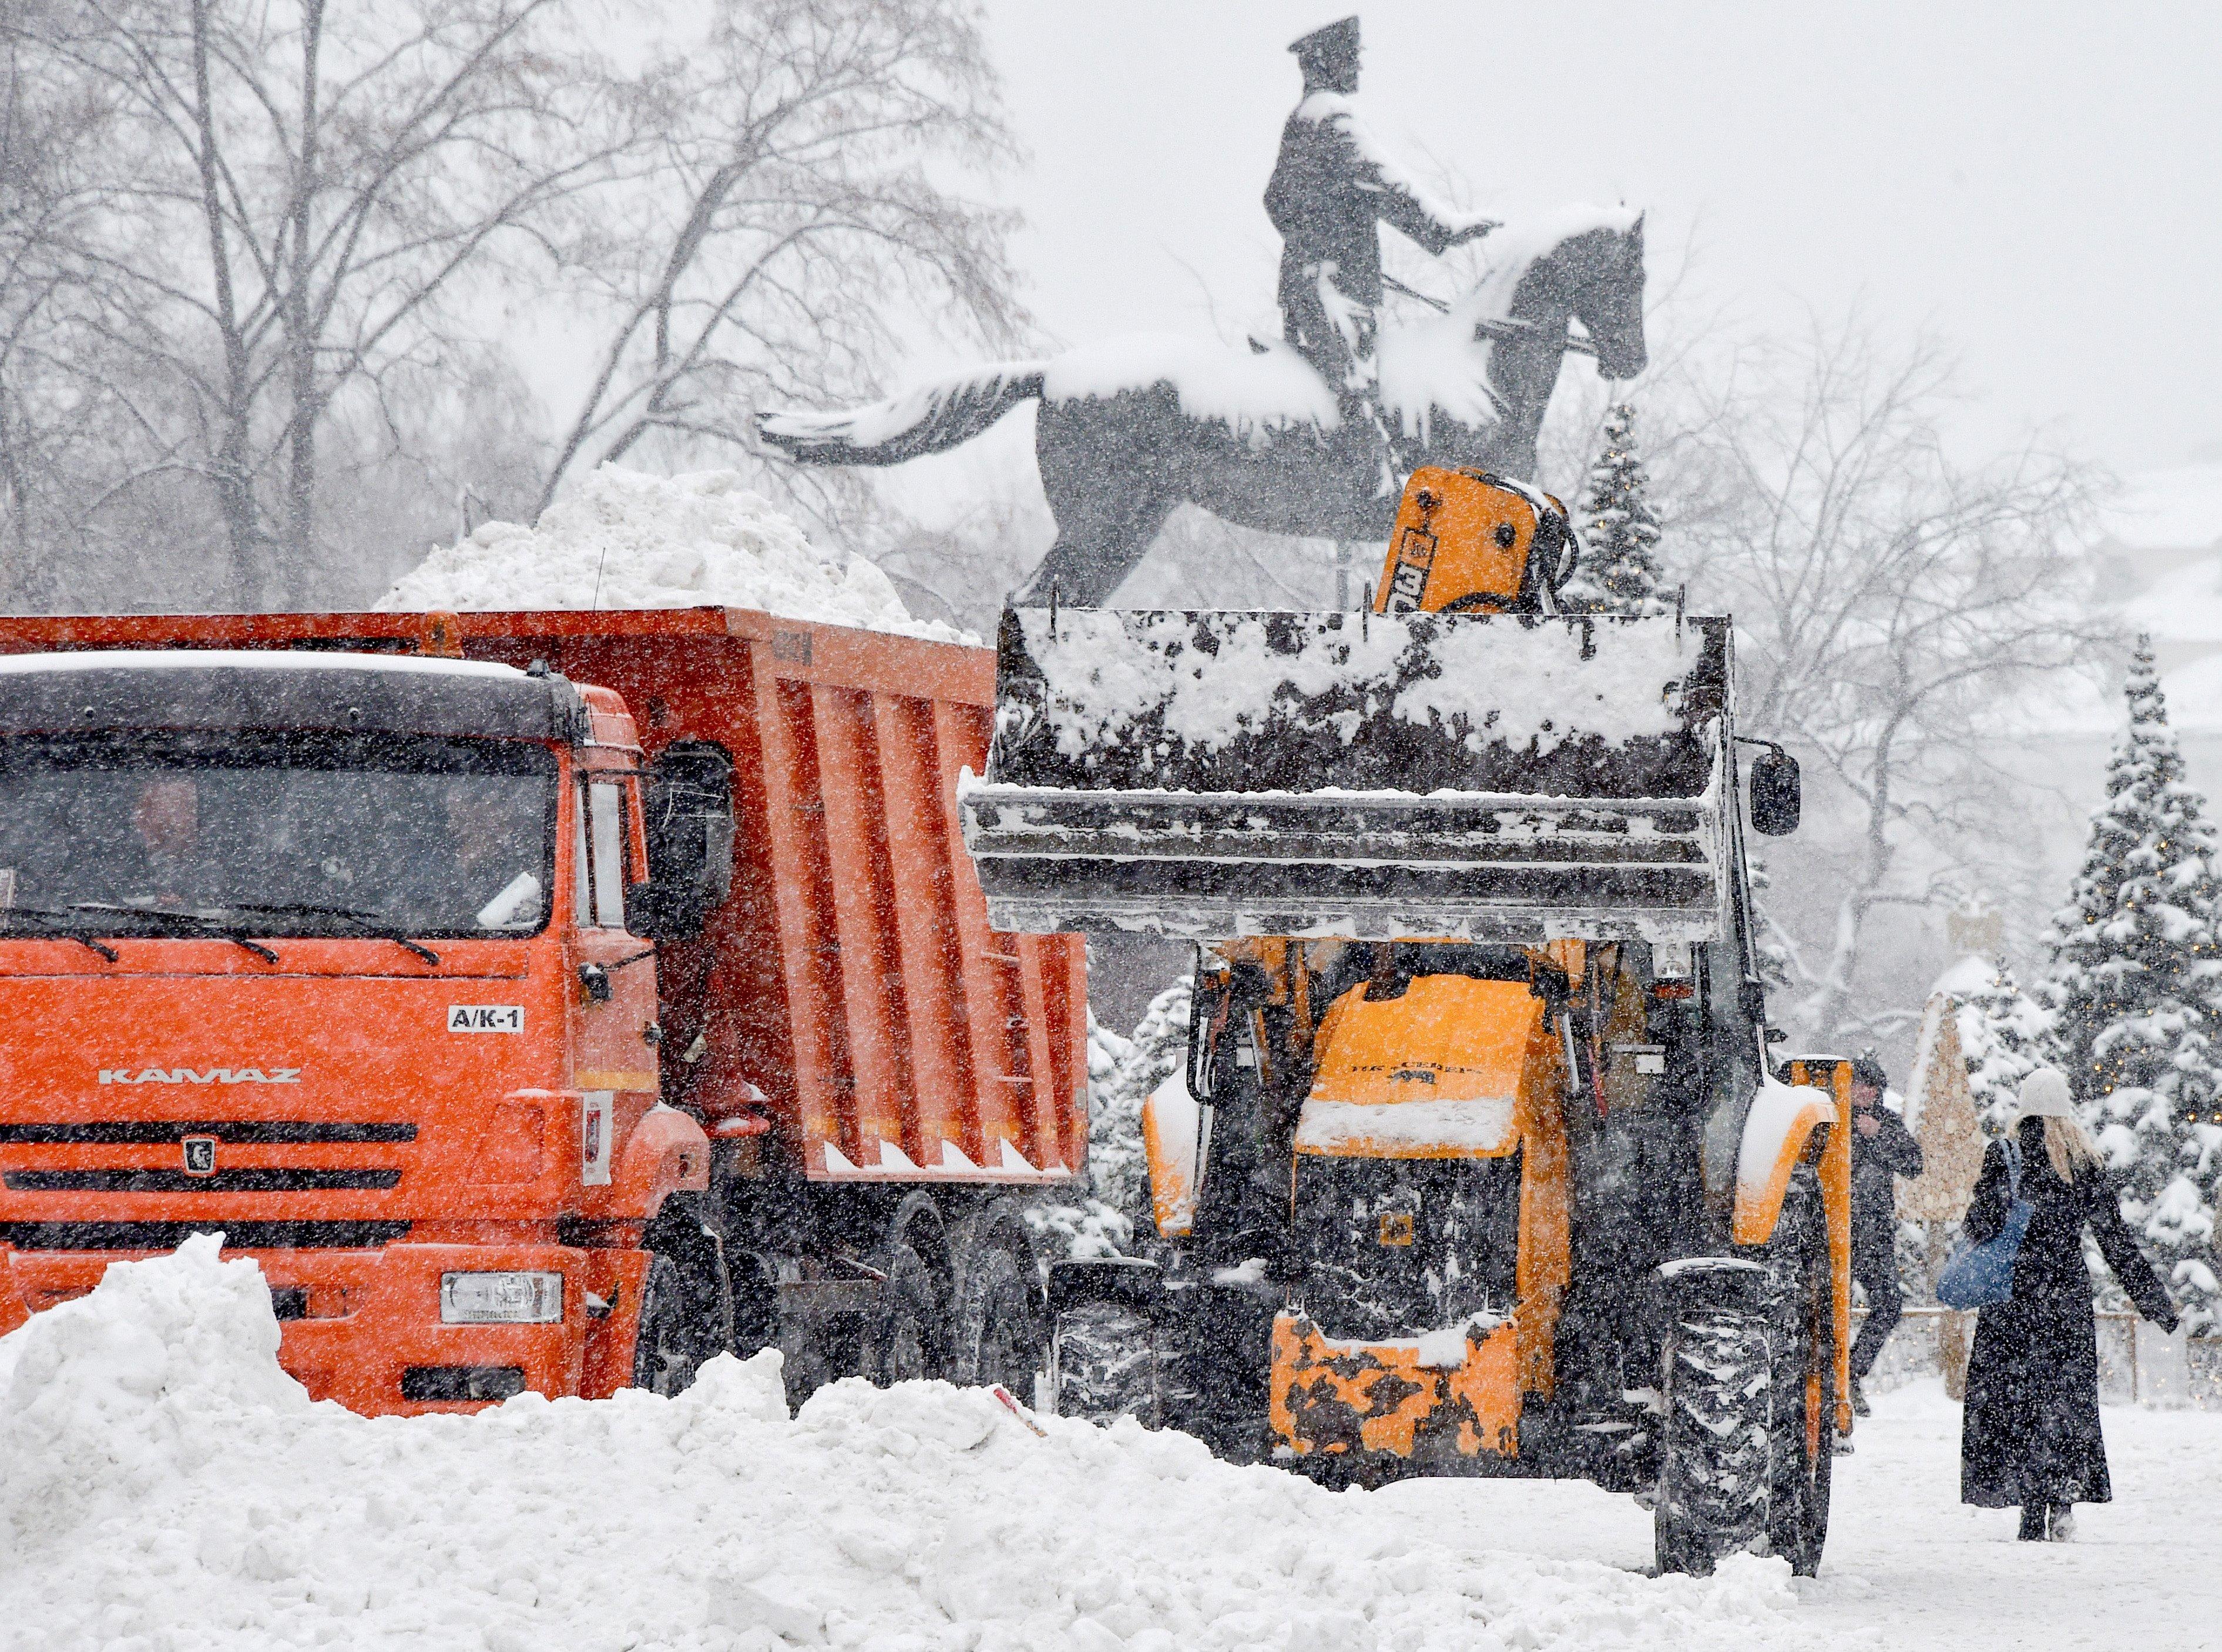 مركبات تزيل الثلج في أحد شوارع موسكو